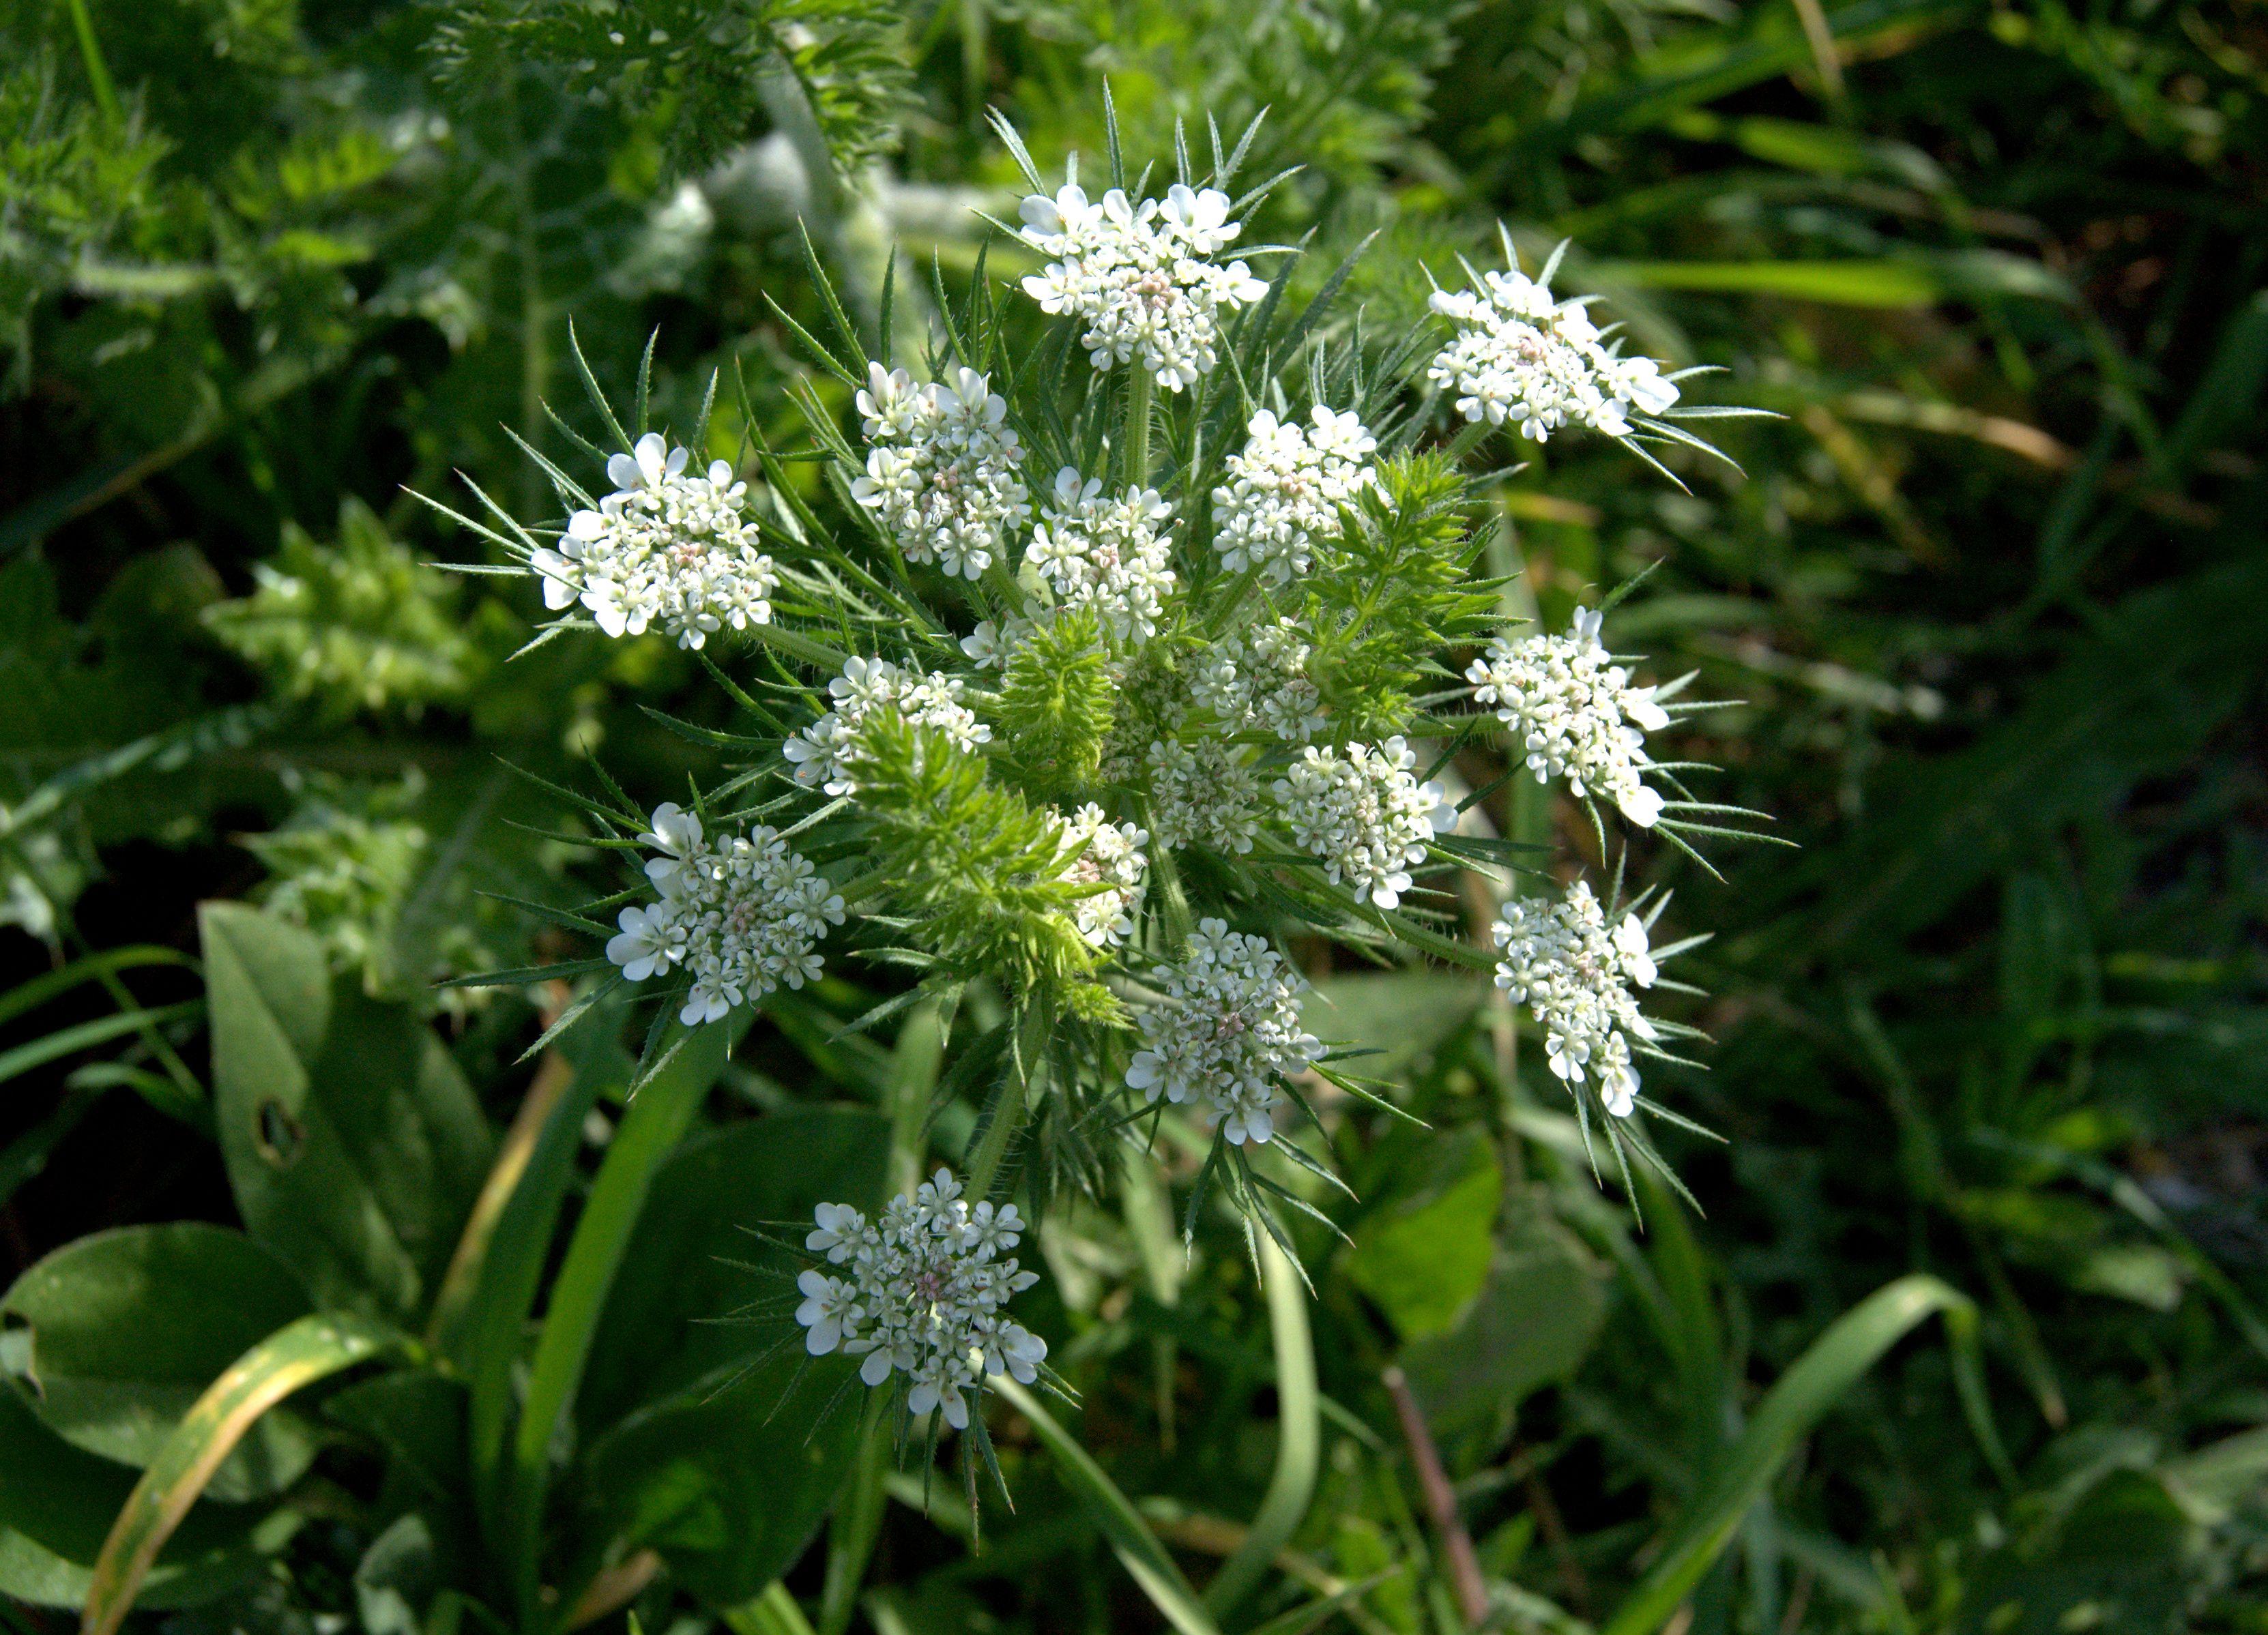 Daucus Carota Zanahoria Silvestre Plantas Silvestres Plantas Medicinales Plantas Se parece a la subespecie silvestre, zanahoria silvestre (ssp. pinterest